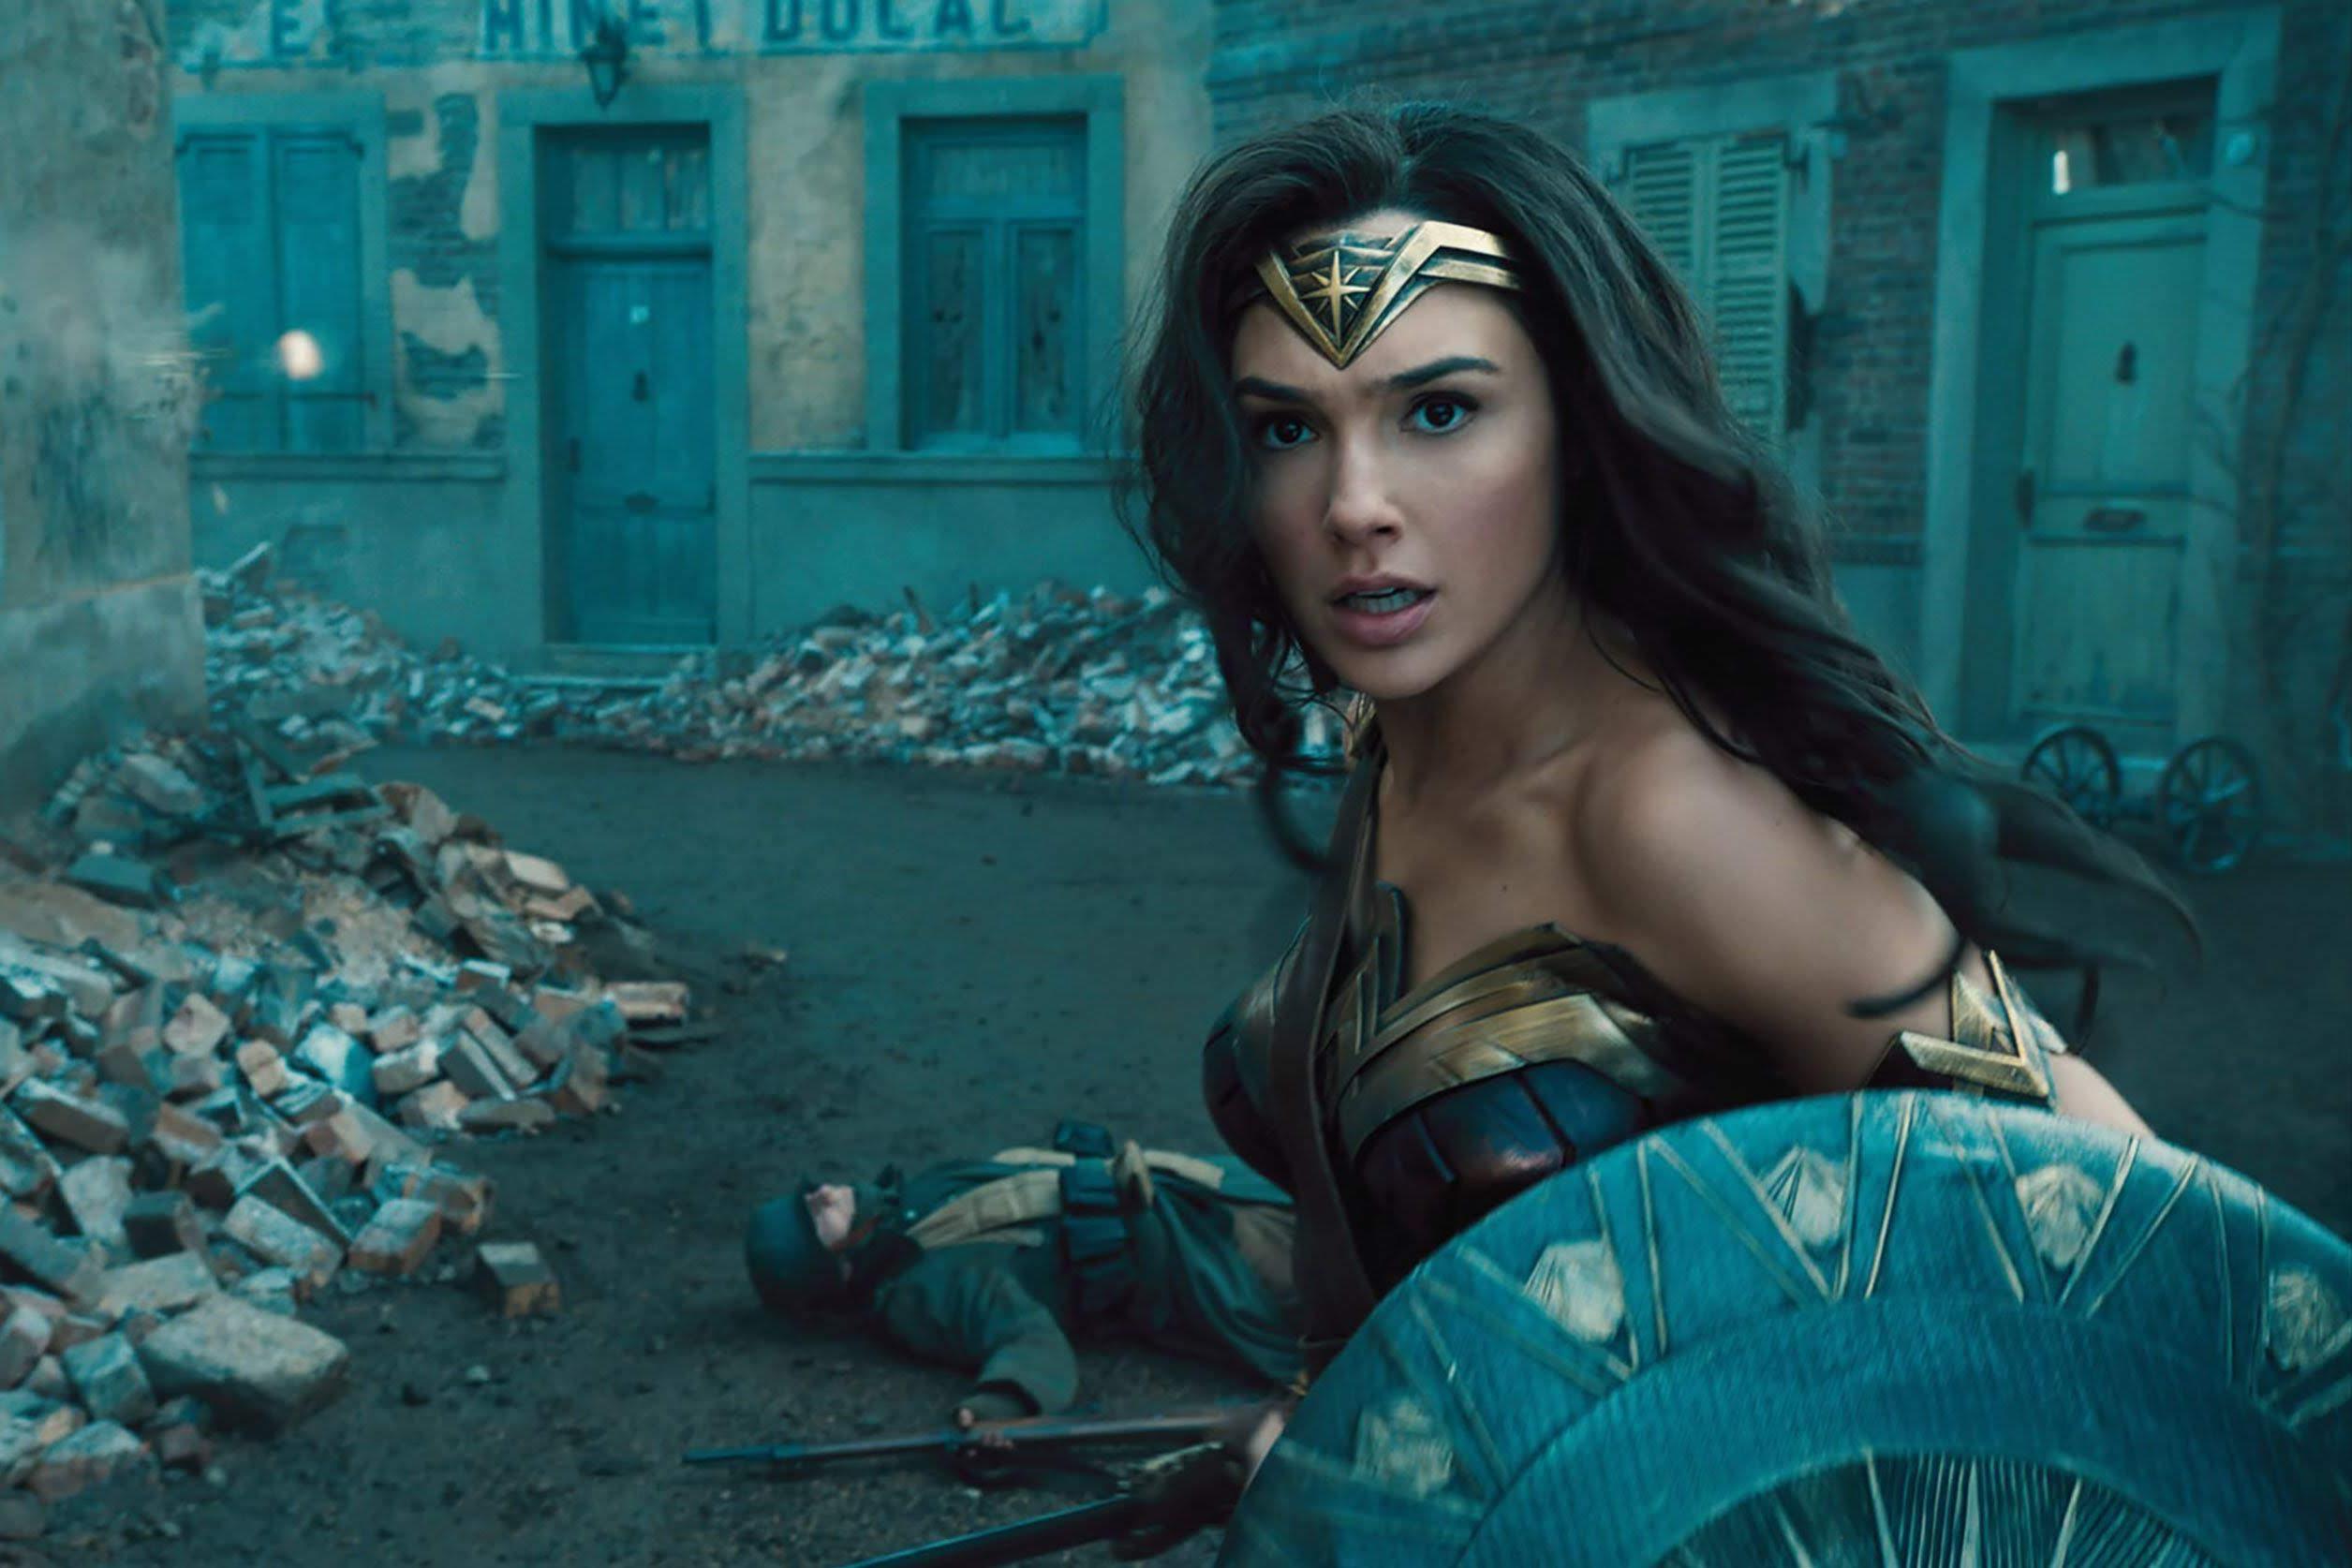 100 Great Films Directed or Written by Women - Film Daze